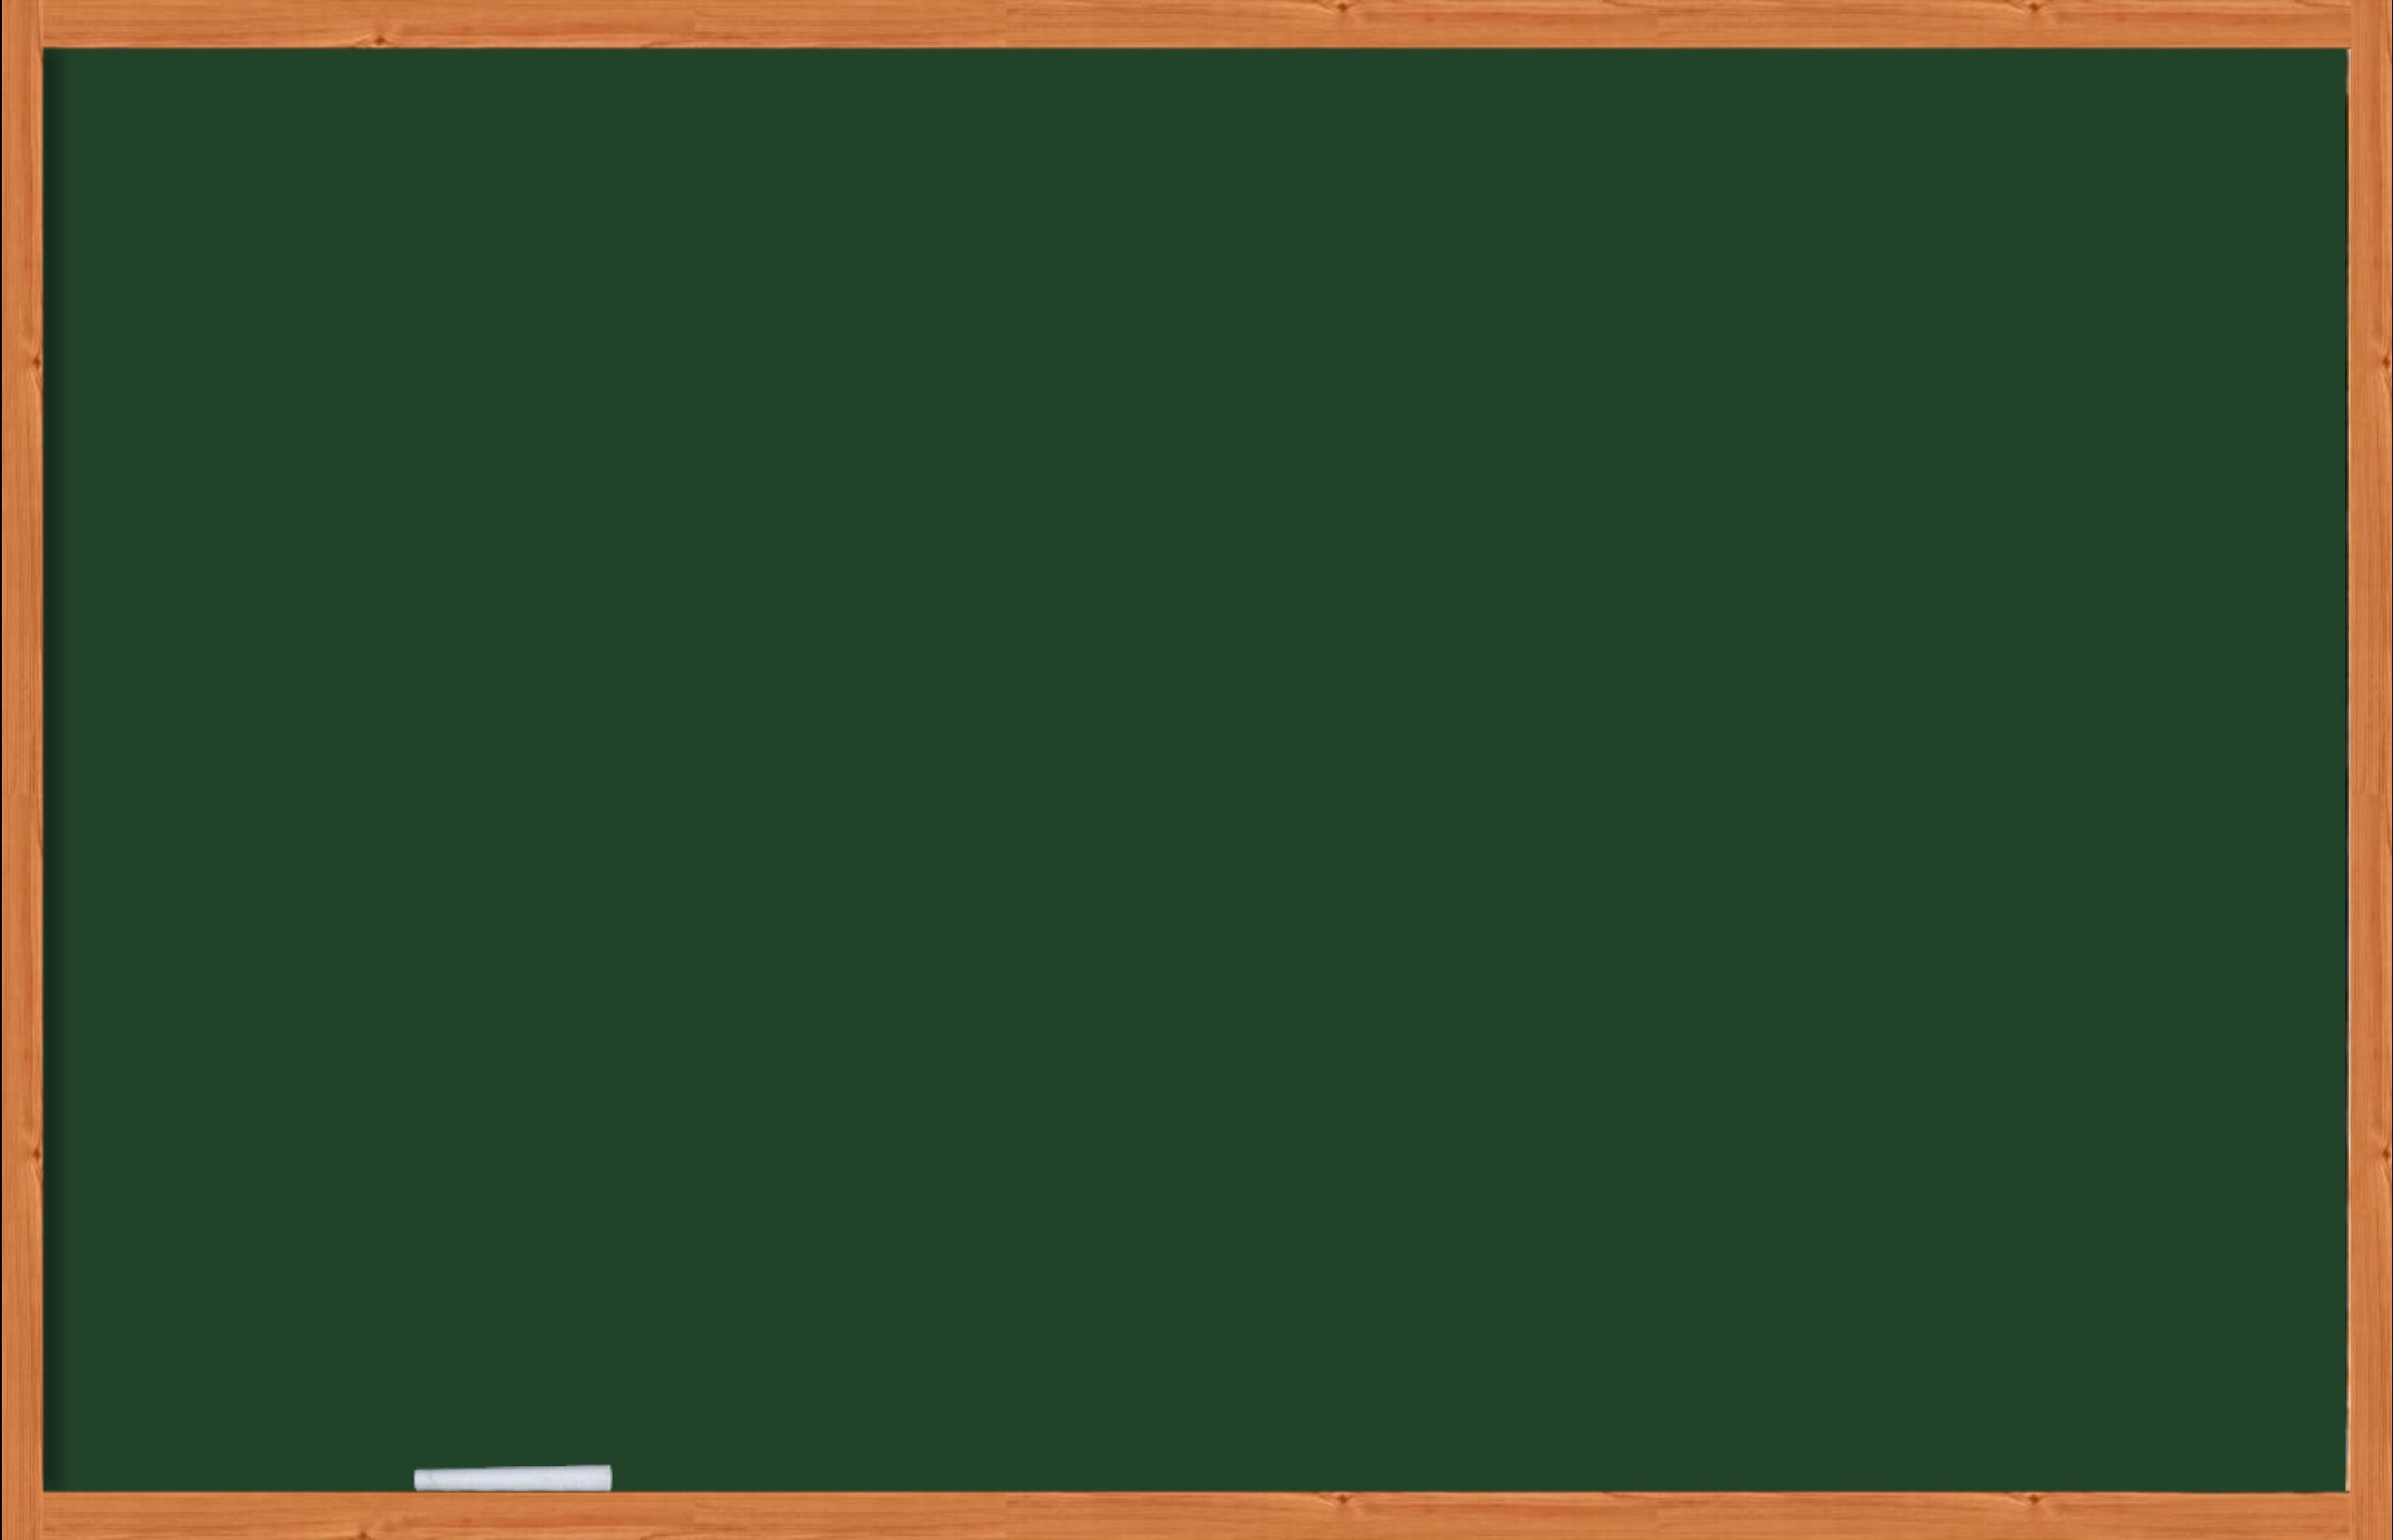 高中数学-指数与指数函数-虎斑教育